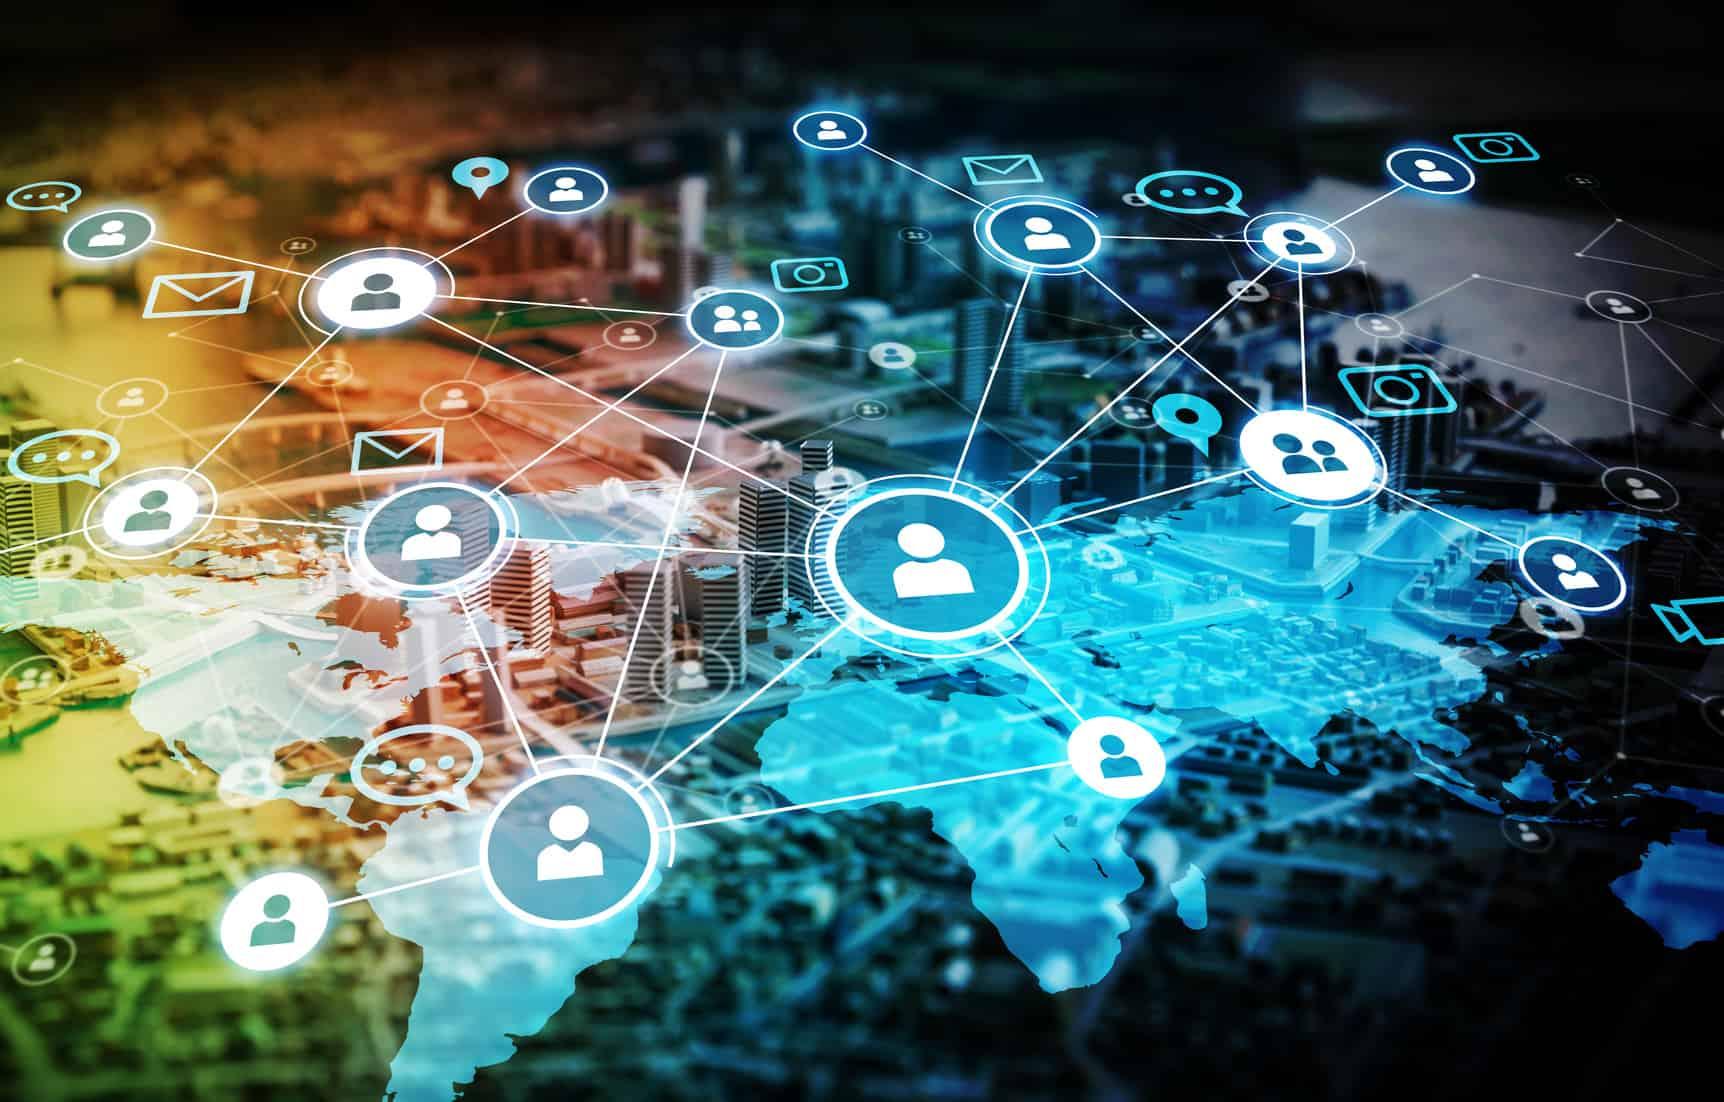 Temas hot en telecomunicaciones para 2017 - IDET